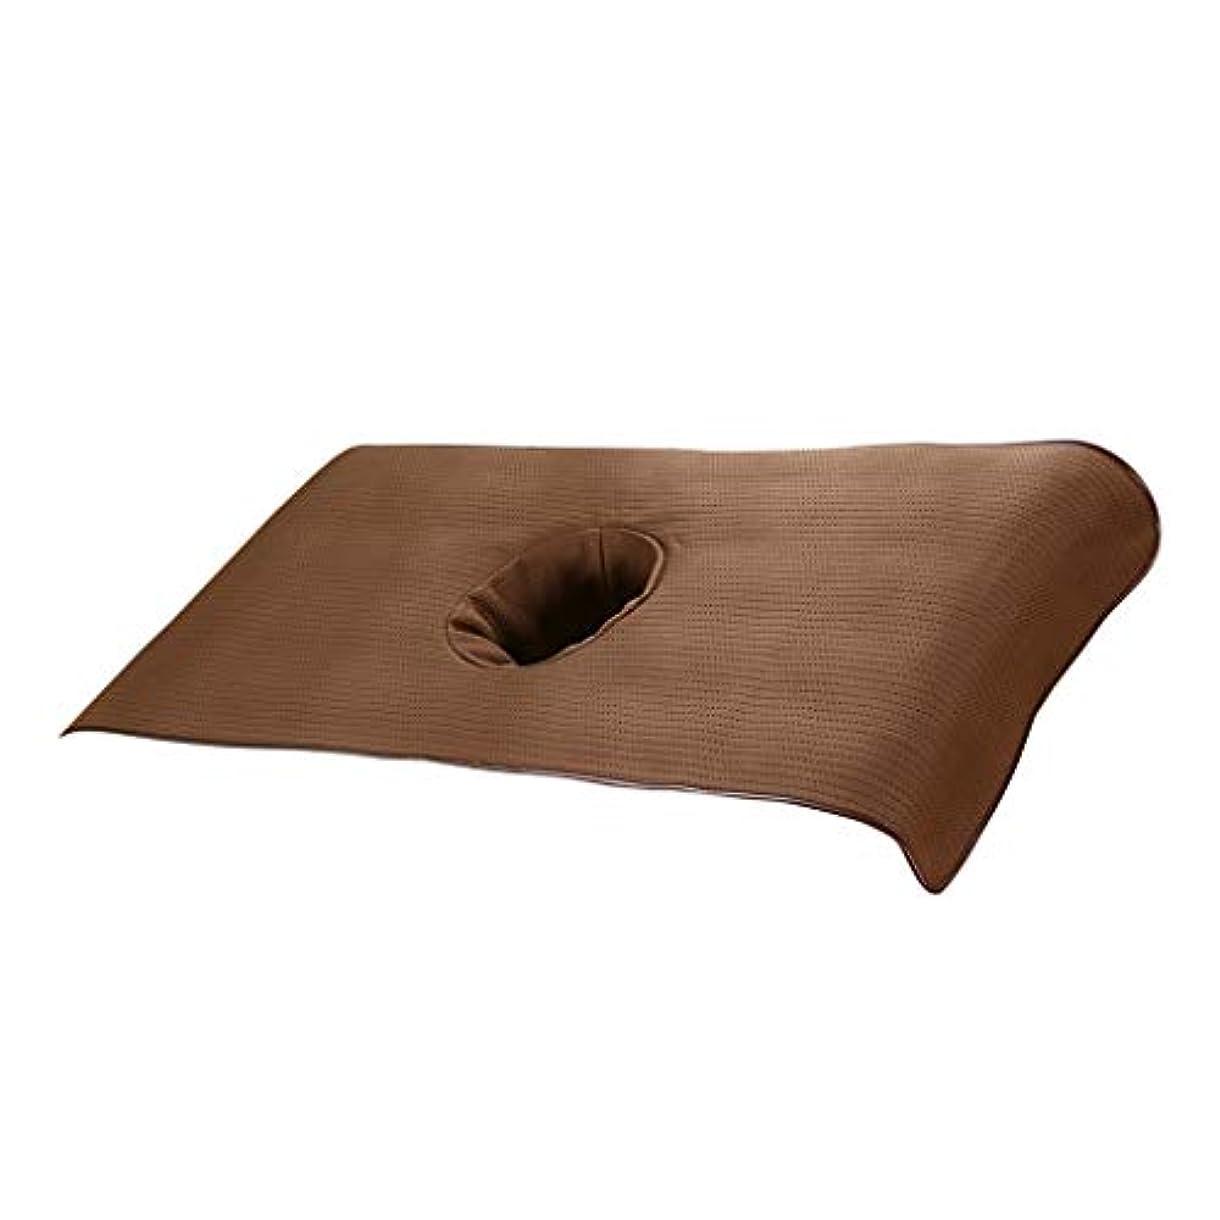 勢い揃える自信がある柔らかい スパ マッサージベッドカバー ベッドカバーシート 通気性 - 褐色